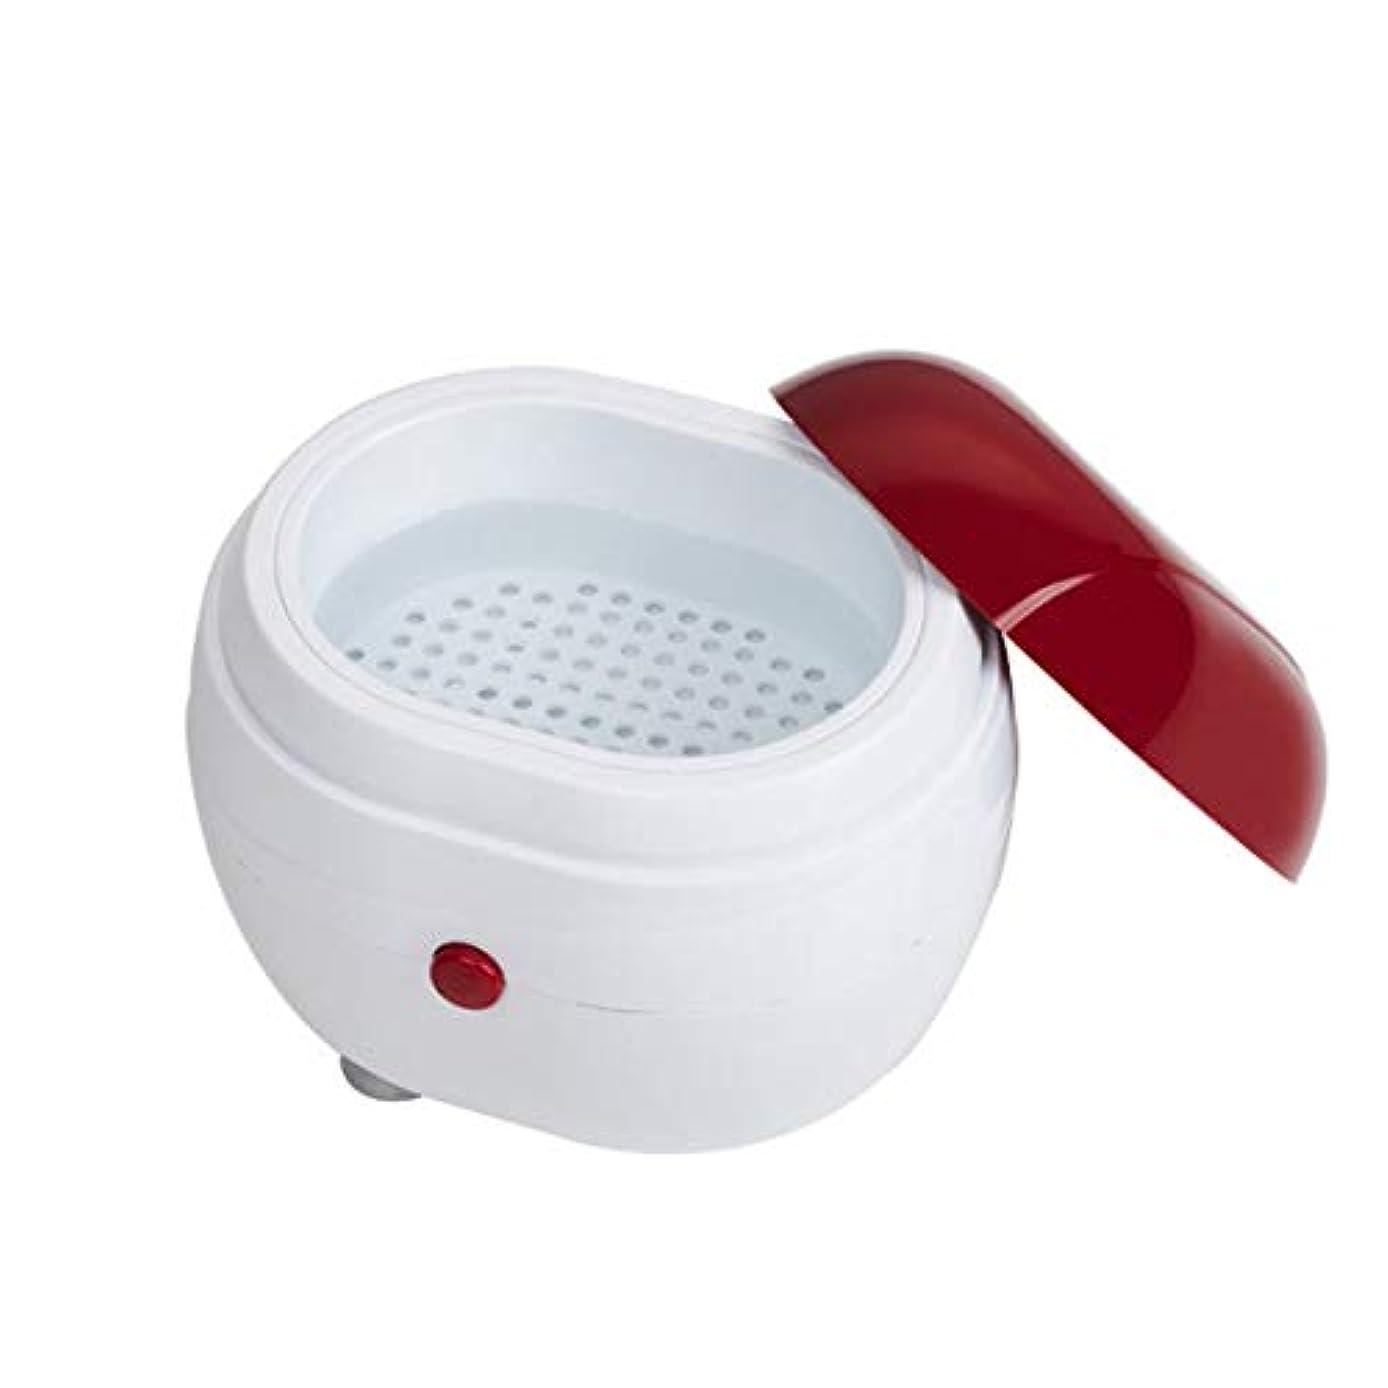 の寄付パテMolySun 歯用ツール 歯清潔 ポータブル超音波洗浄機家庭用ジュエリーレンズ時計入れ歯洗浄機洗濯機クリーナークリーニングボックス 赤と白